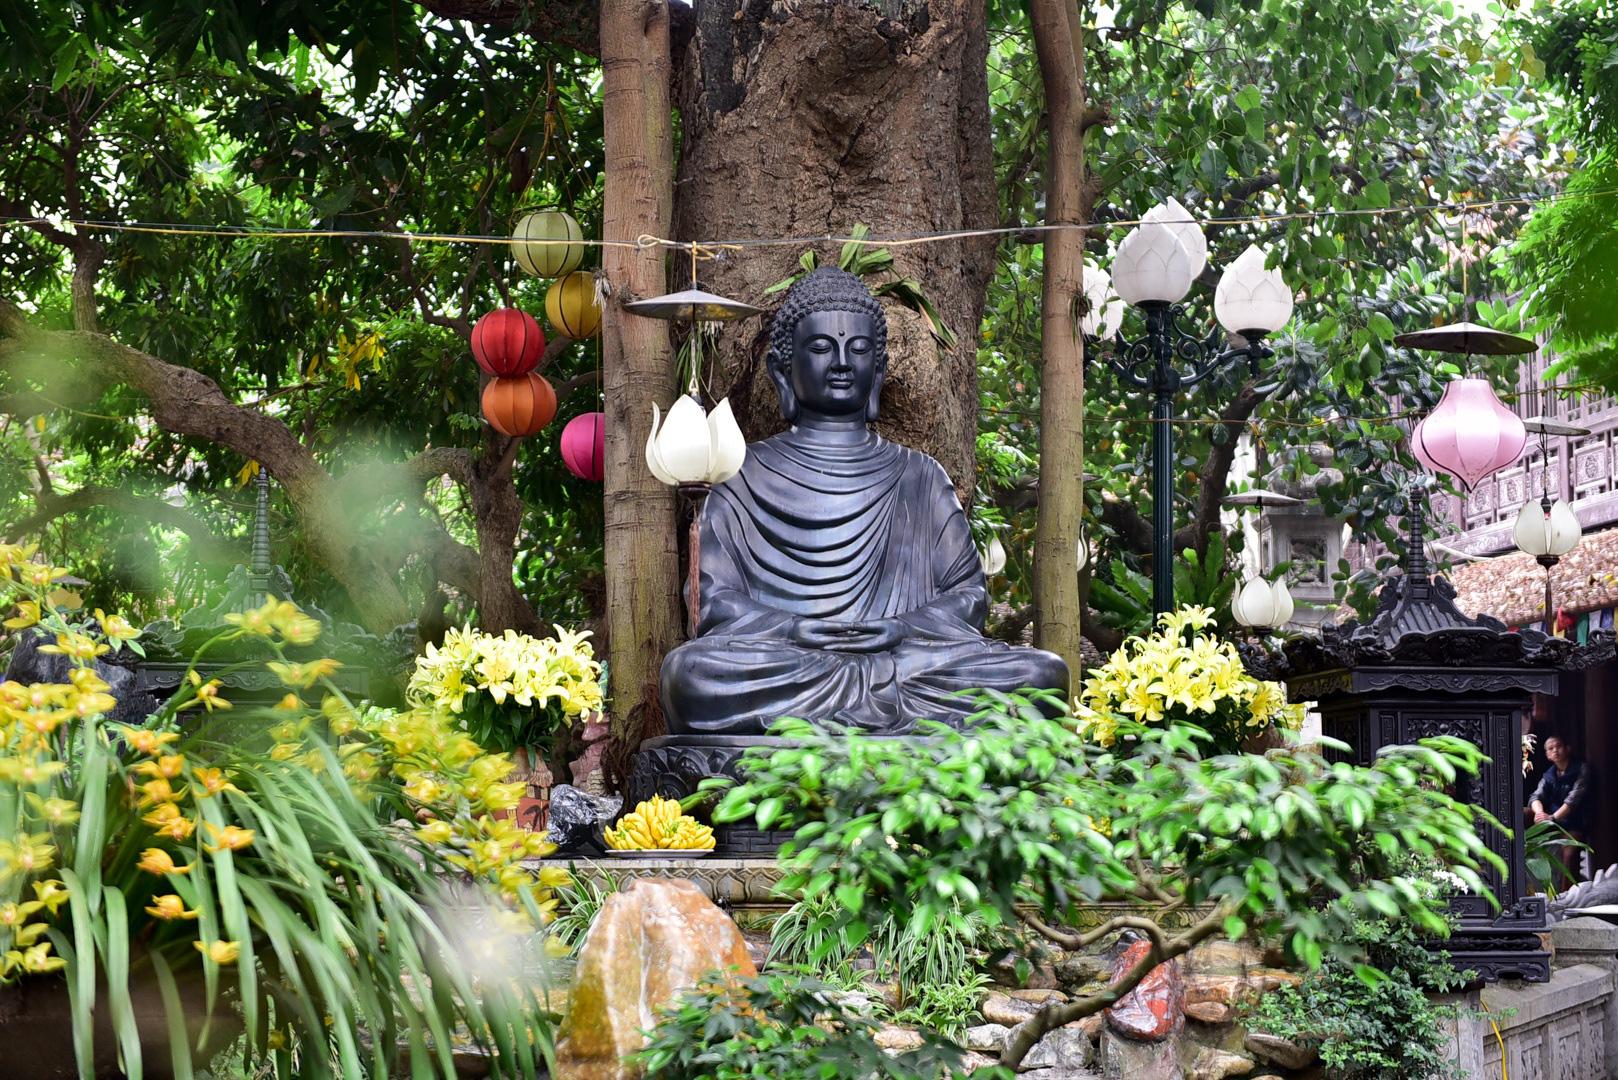 Tượng Phật từ đá quý nguyên khối trong ngôi chùa nghìn năm tuổi ở Hà Nội - Ảnh 8.